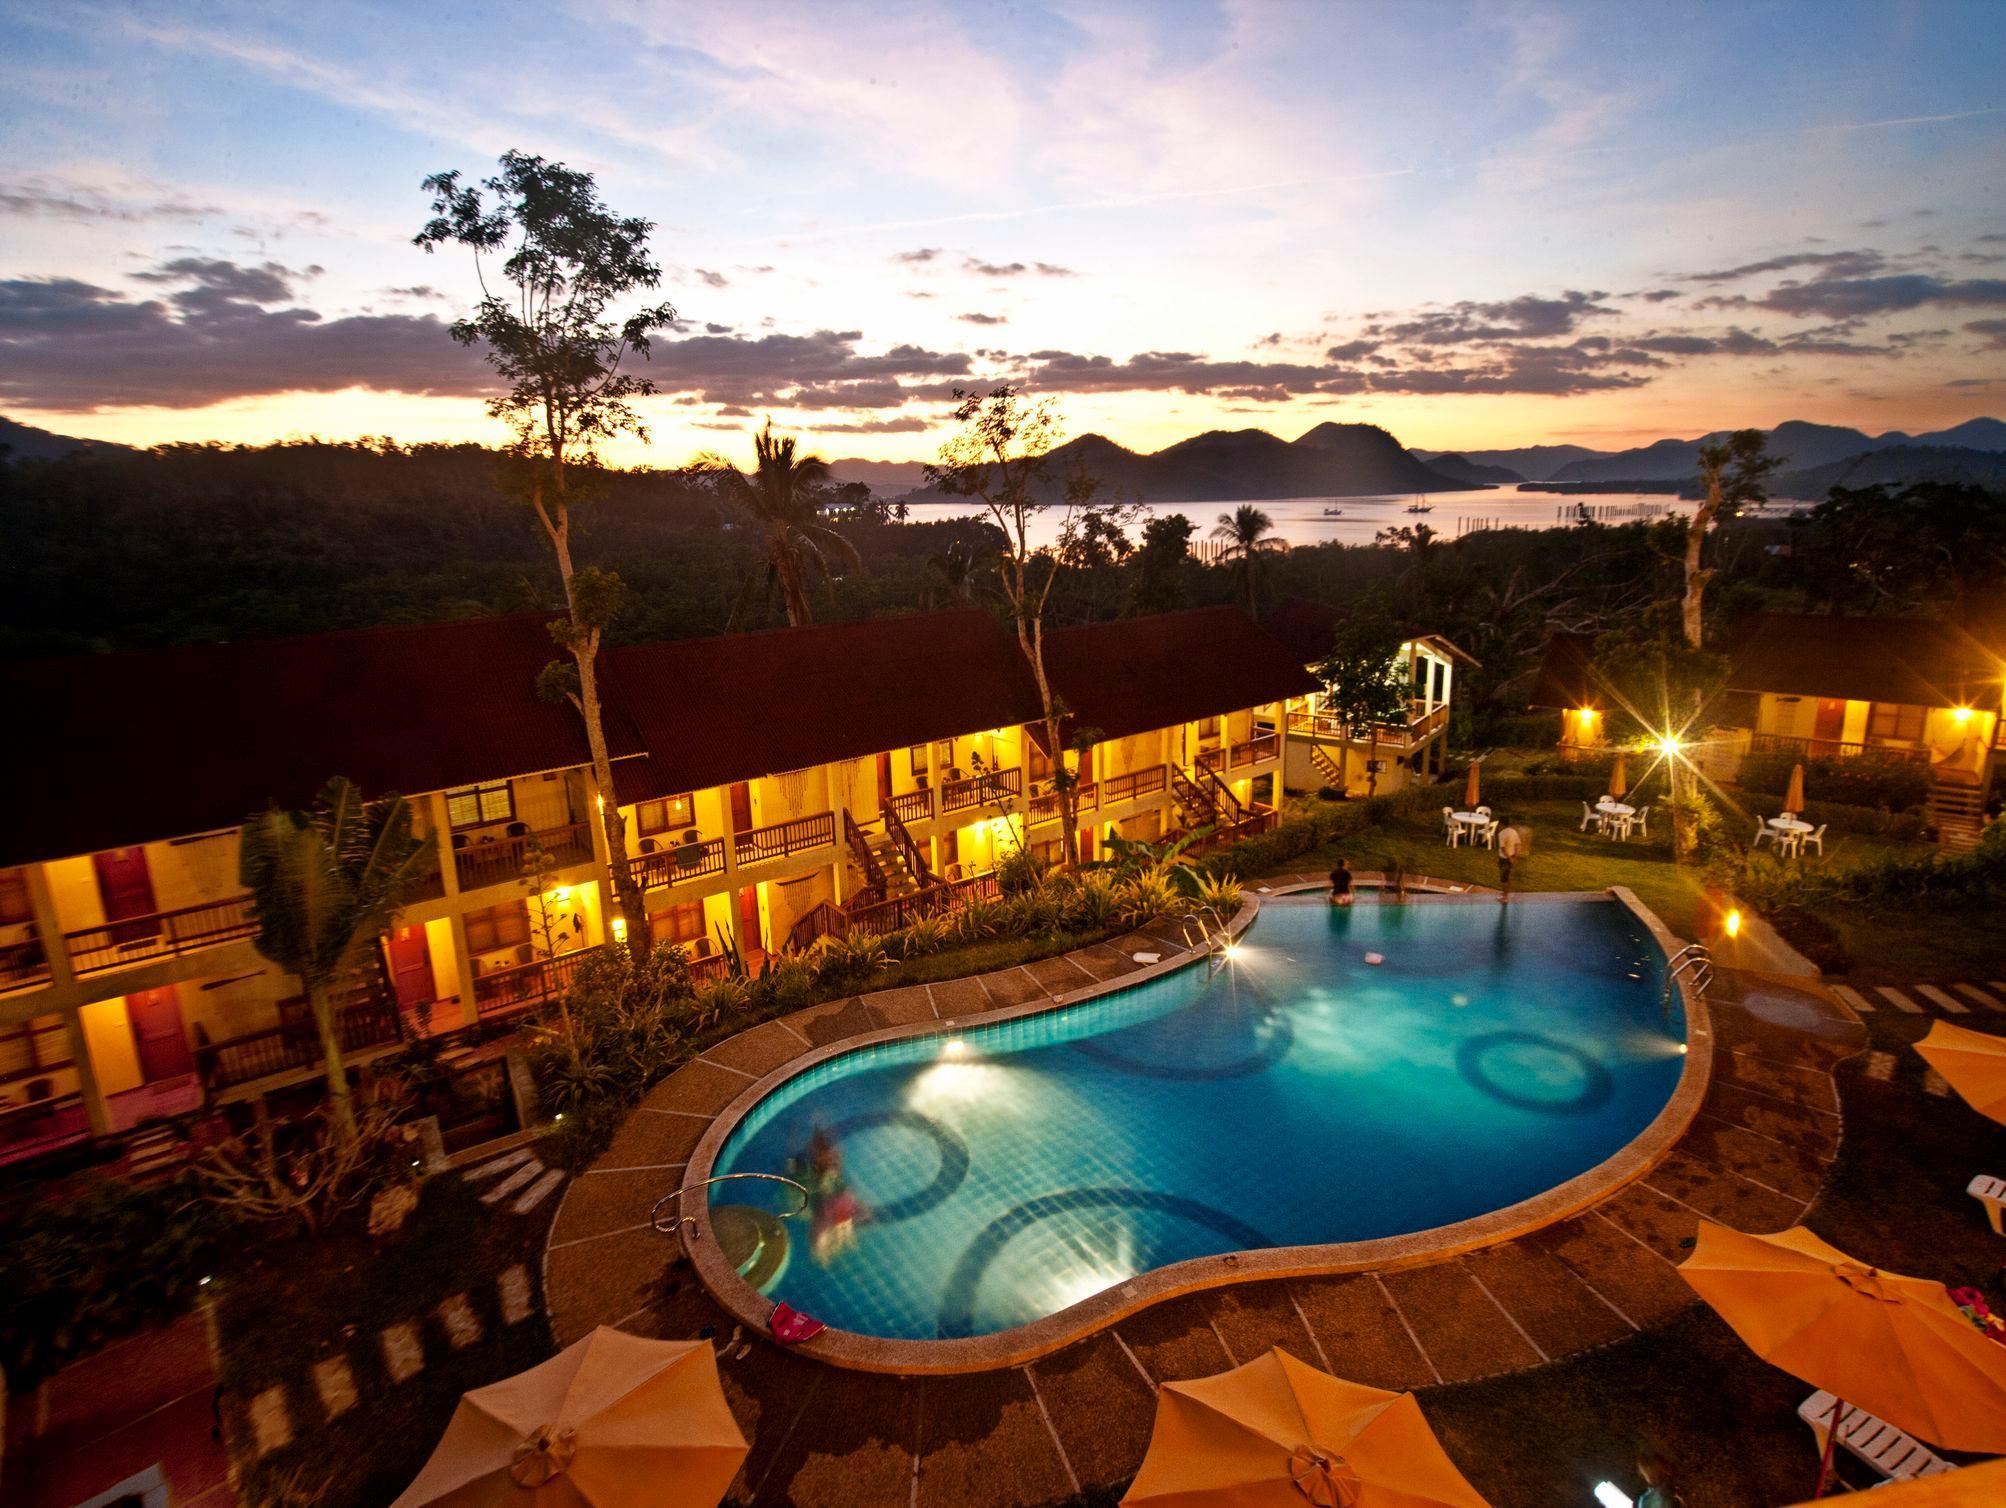 Star Hotel In Palawan